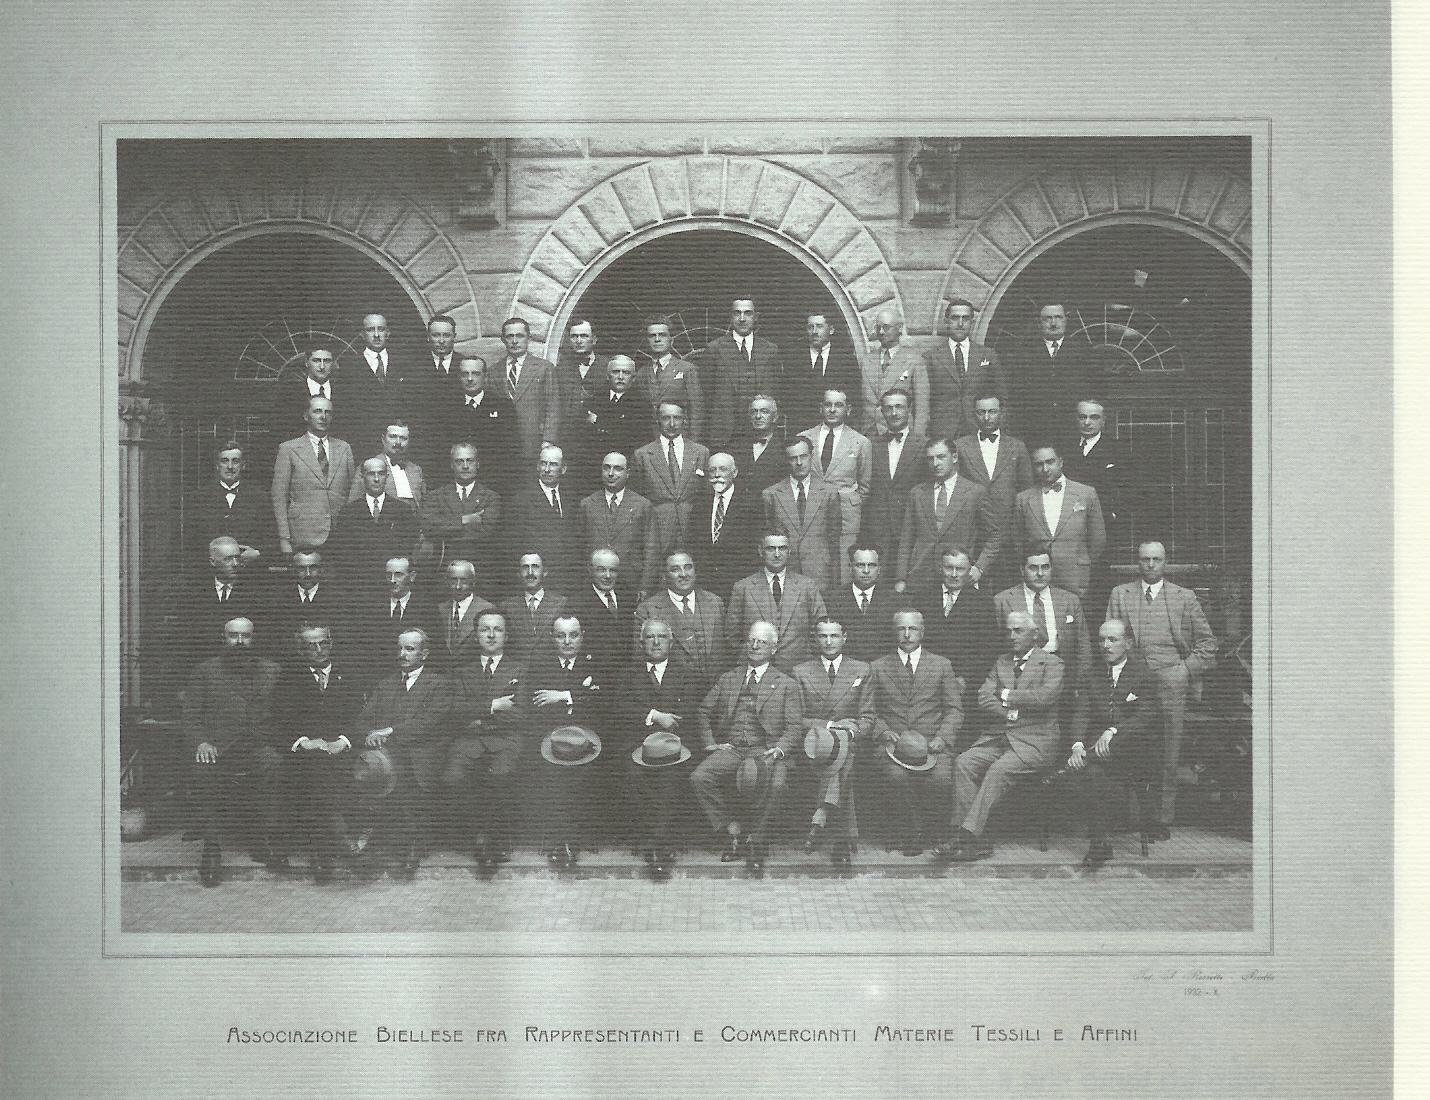 Centenary Association